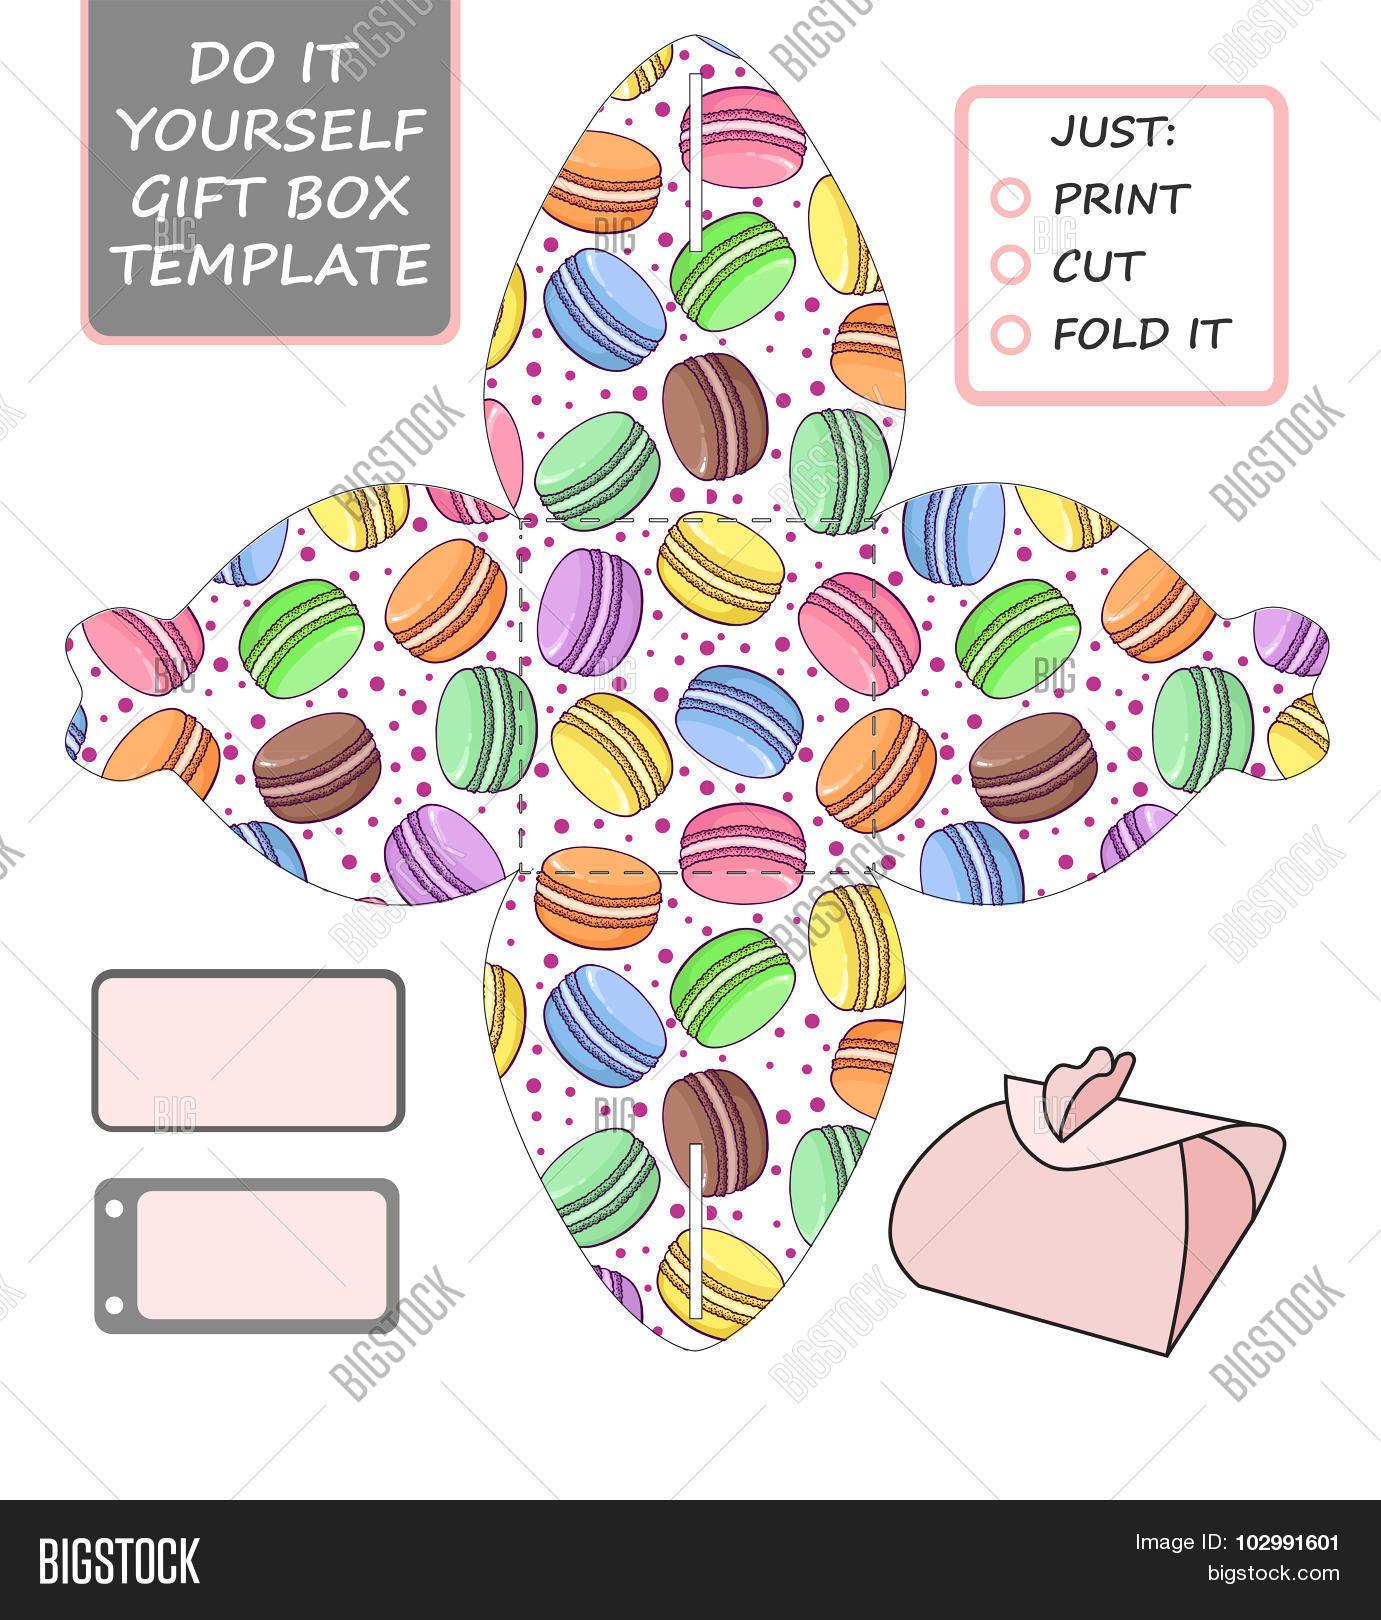 Favor Gift Box Die Vector & Free Trial